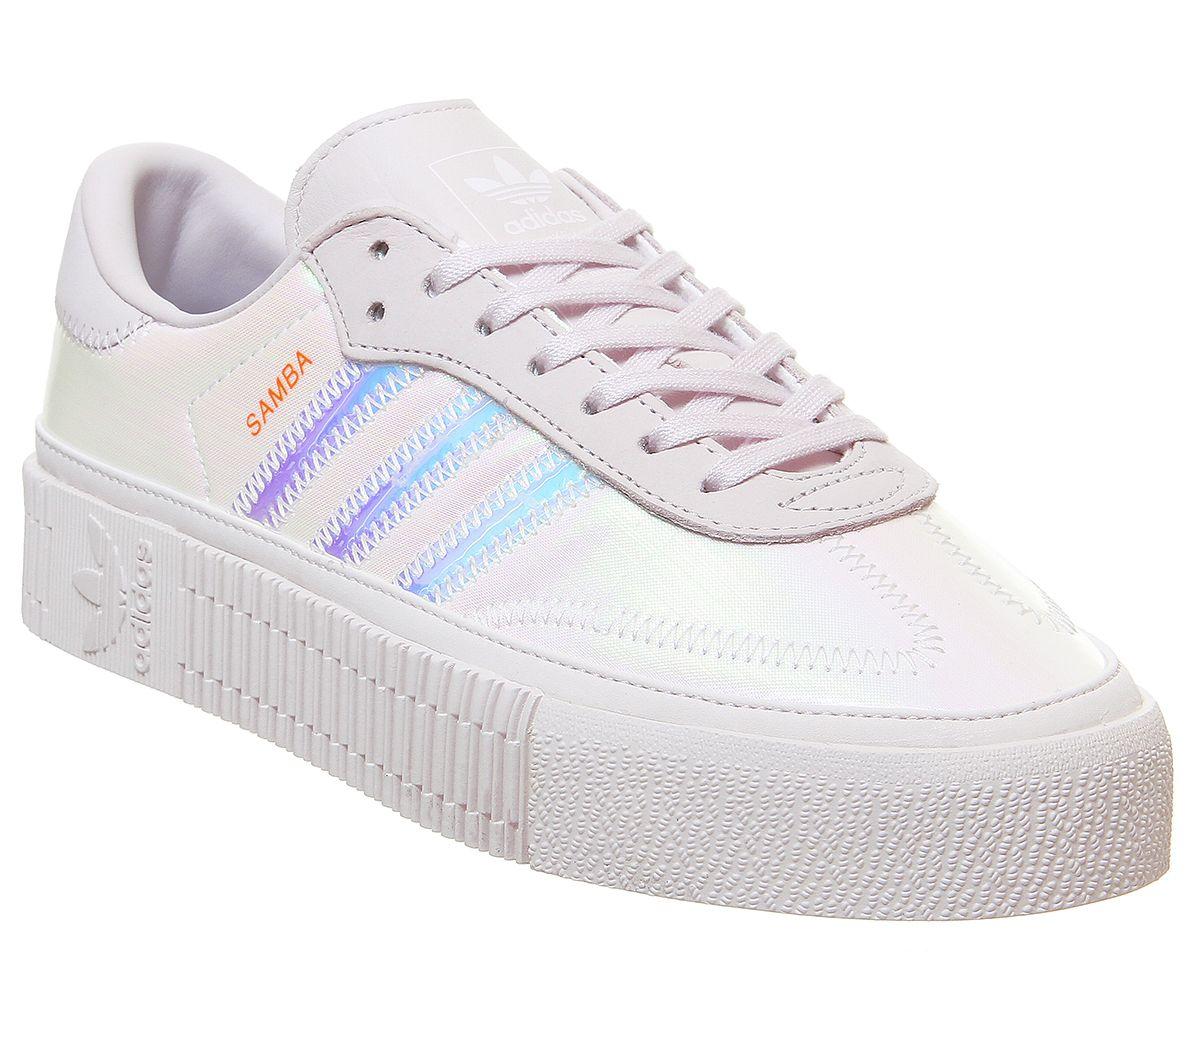 Ciudadanía ventilador Injusticia  samba mujer adidas - Tienda Online de Zapatos, Ropa y Complementos de marca